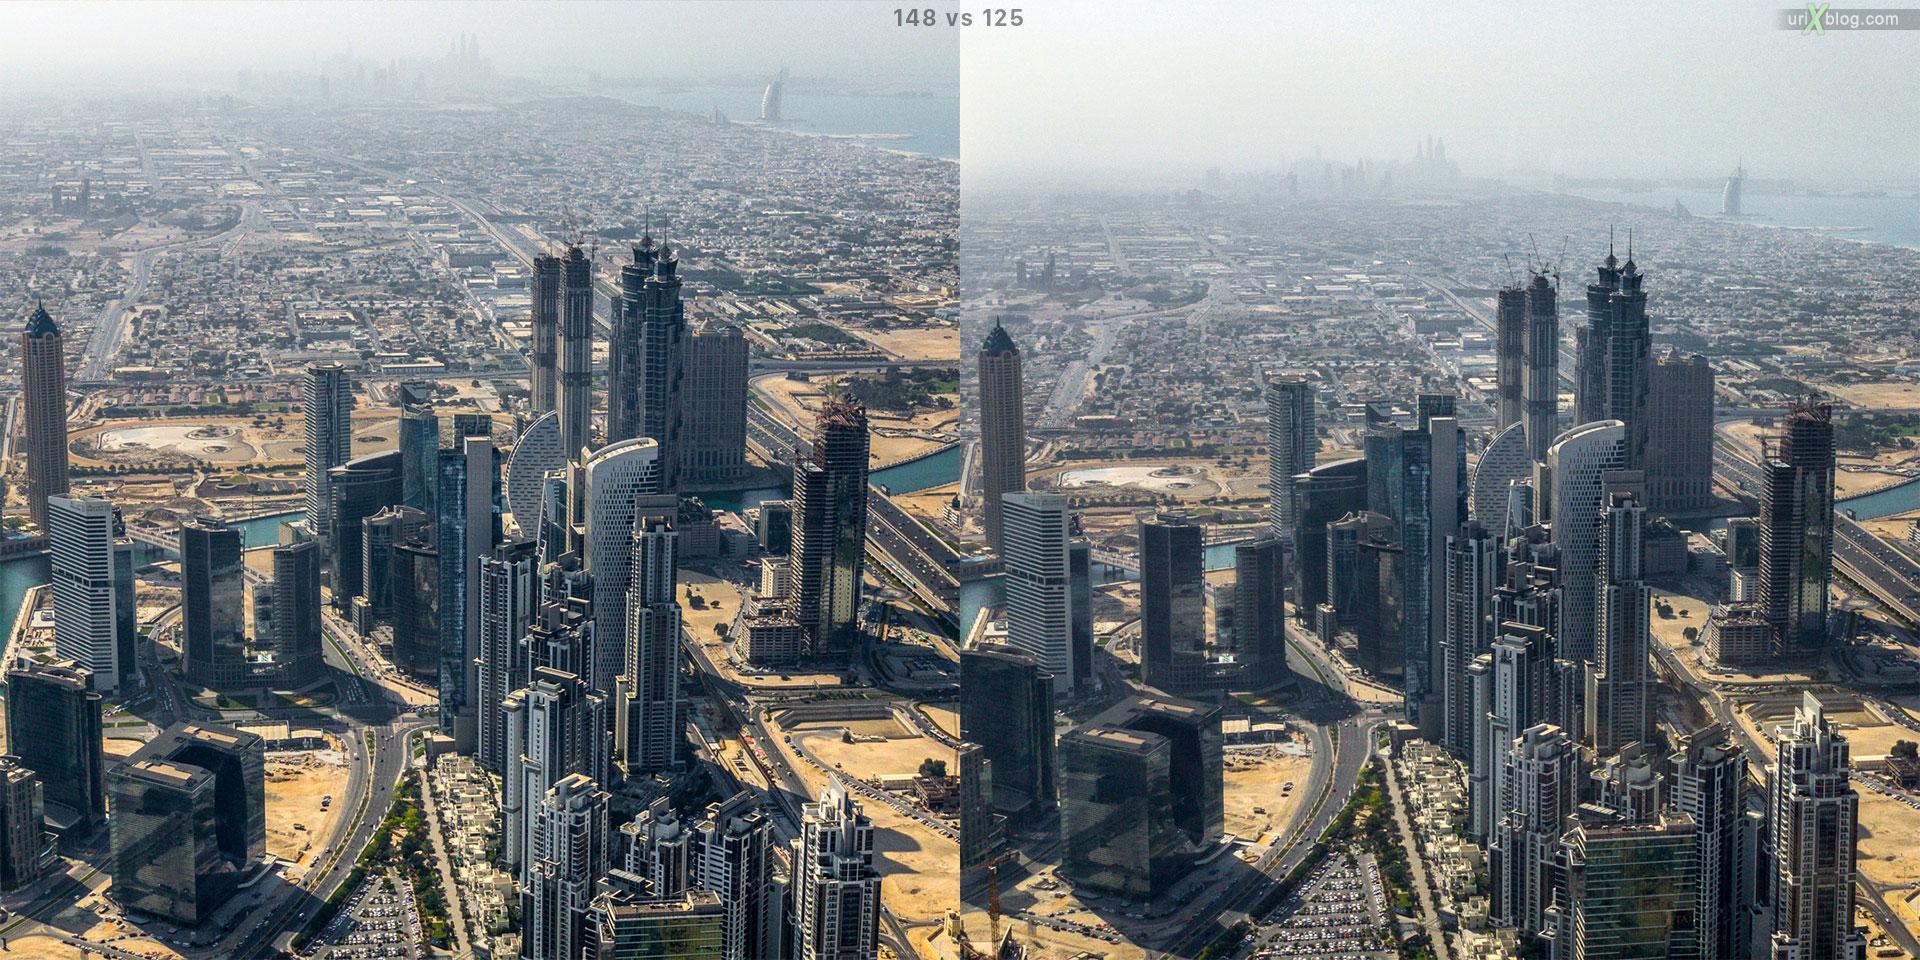 Дубай, Бурдж Халифа, Башня, ОАЭ, сравнение, горизонт, панорама, 2017, 148, 124, 125, этажи